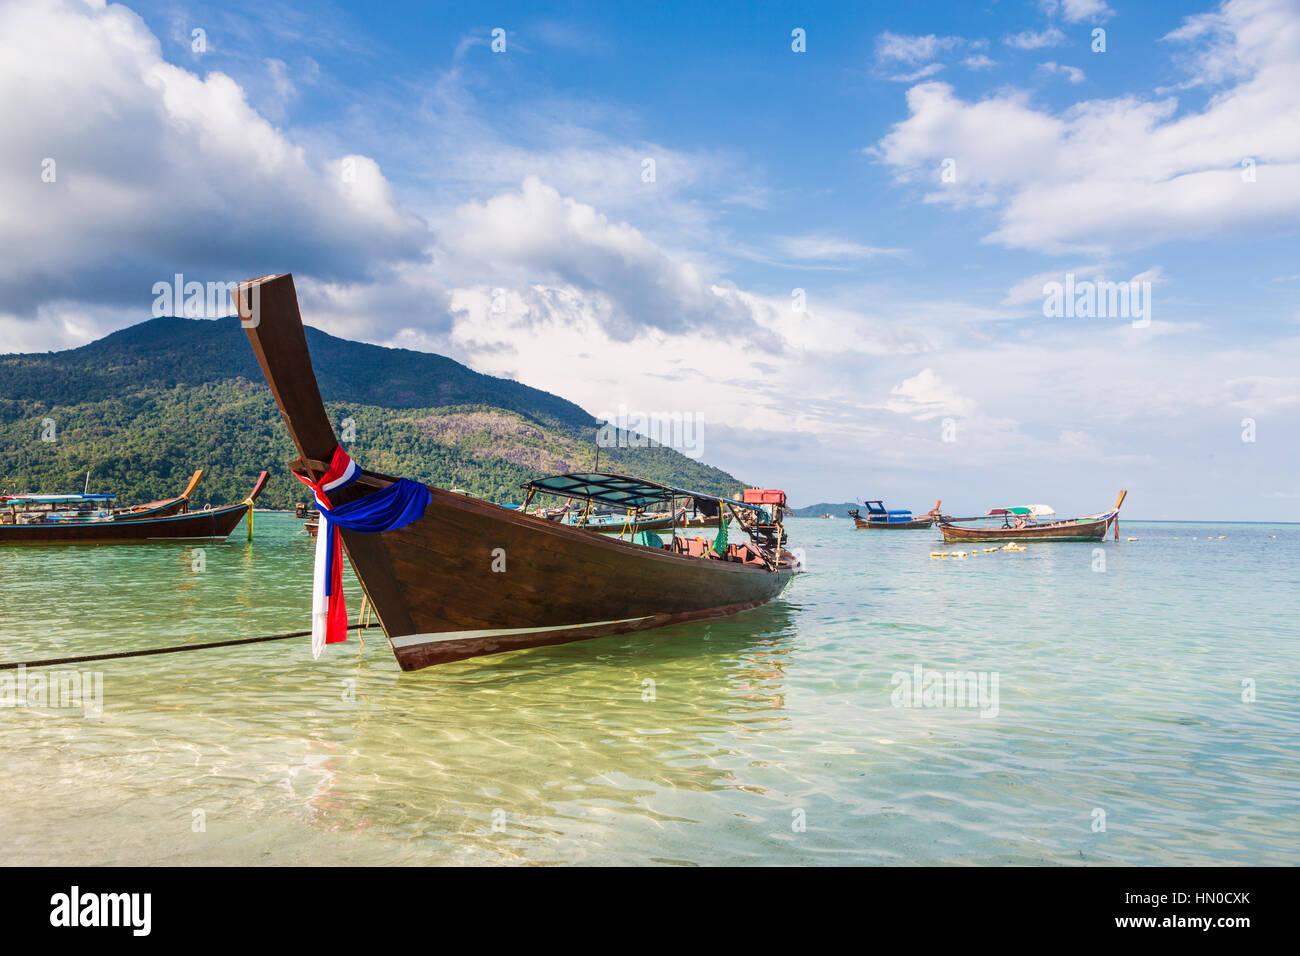 Einen niedrigen Winkel Blick auf einem traditionellen Longtail an einem Strand in Koh Lipe Insel in der Andamanensee Stockbild